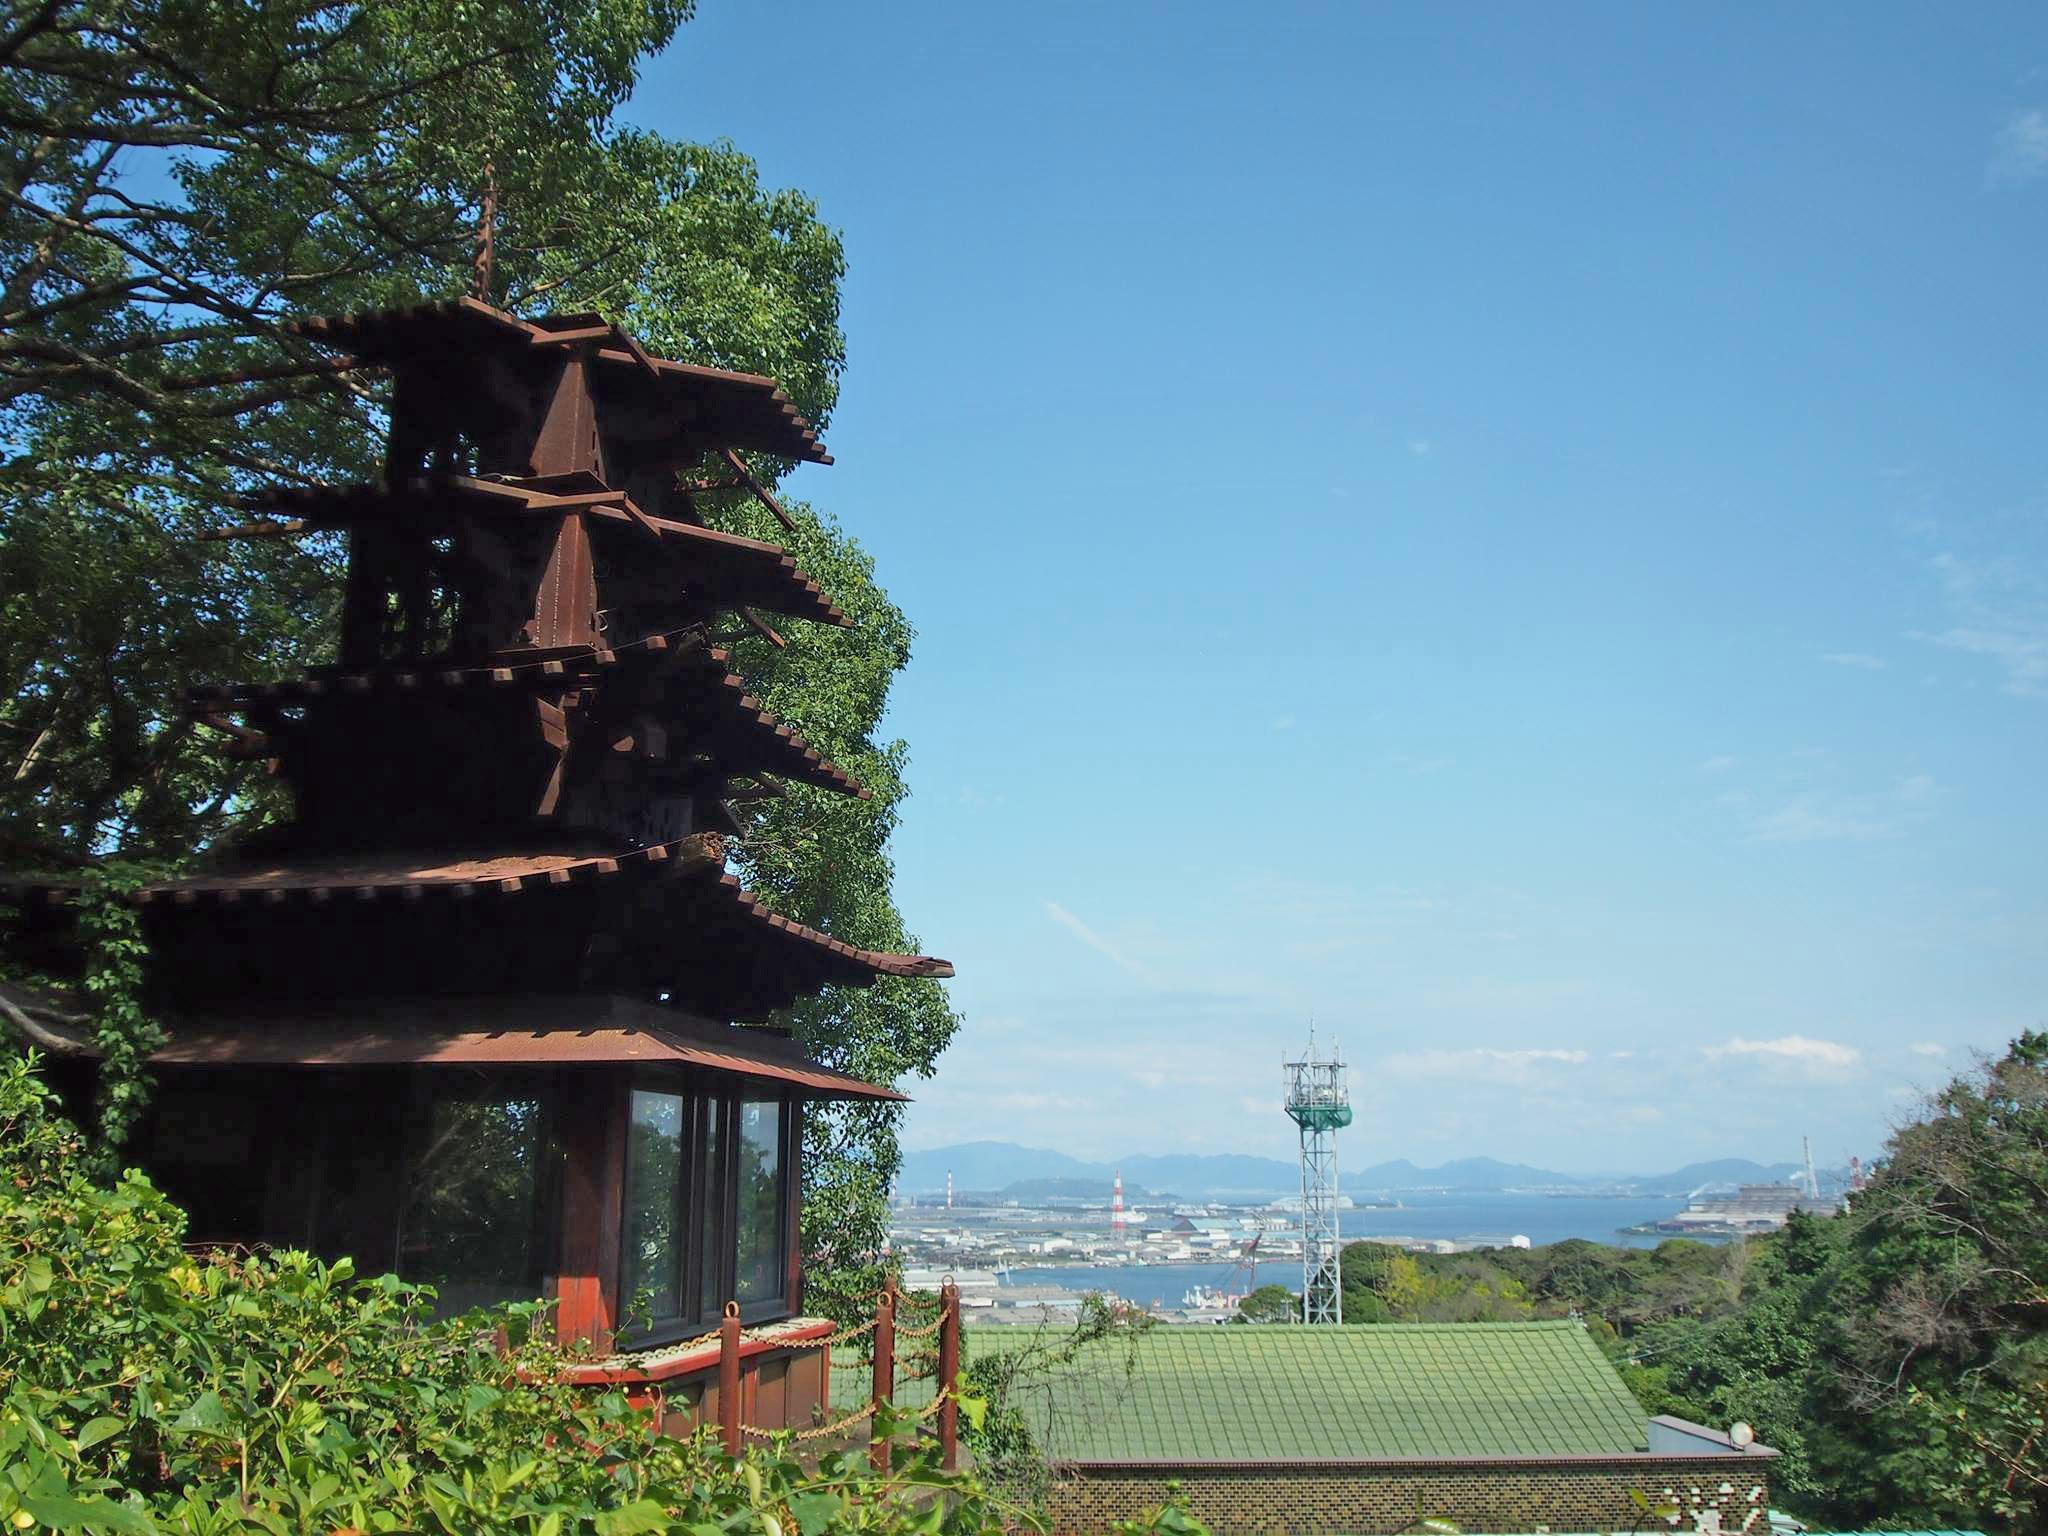 ベラミの塔 (北九州市若松区山ノ堂町の物件) - 福岡R不動産